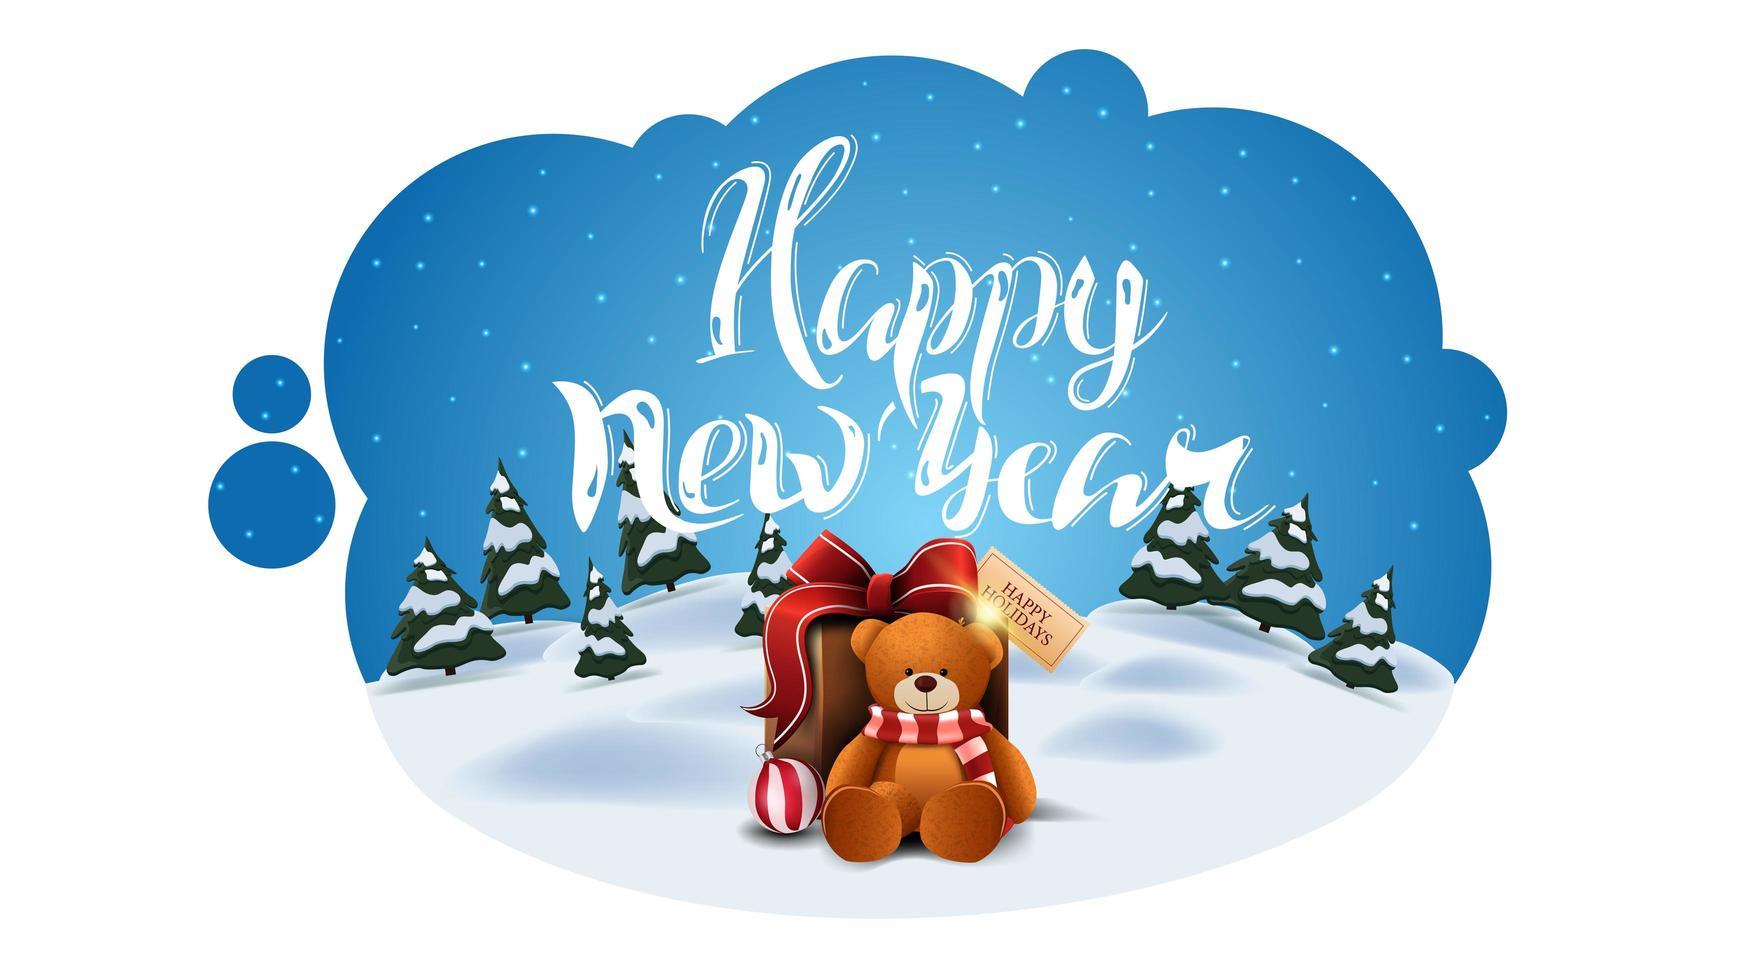 bonne année, carte postale de voeux sous forme de nuage abstrait avec paysage de dessin animé d'hiver et présent avec ours en peluche vecteur